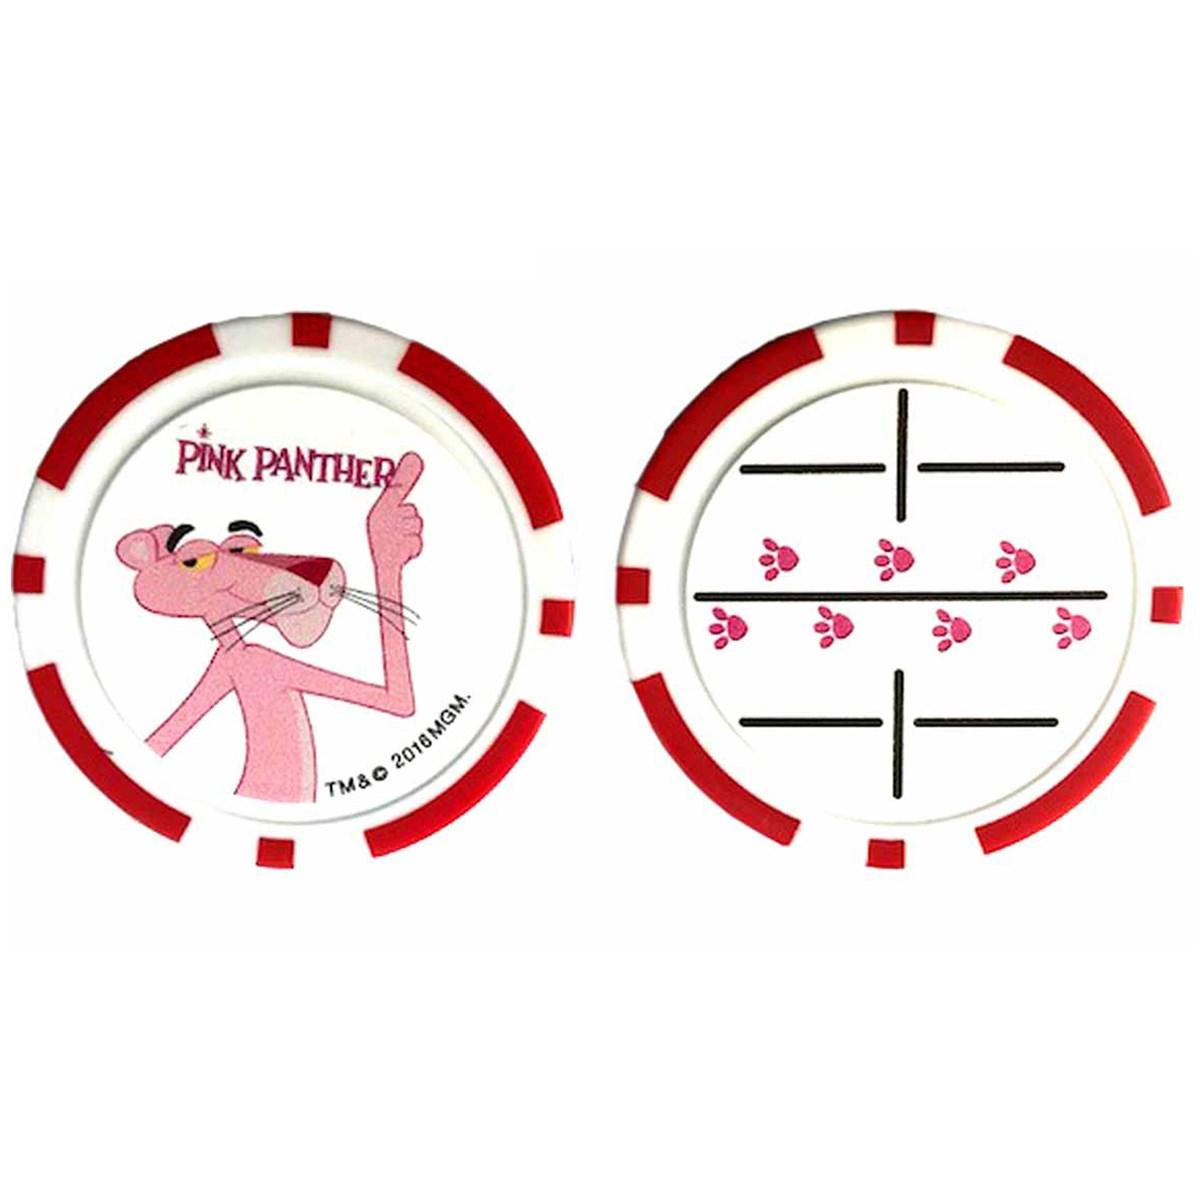 ライト Lite ピンクパンサー ゴルフチップマーカー レッド